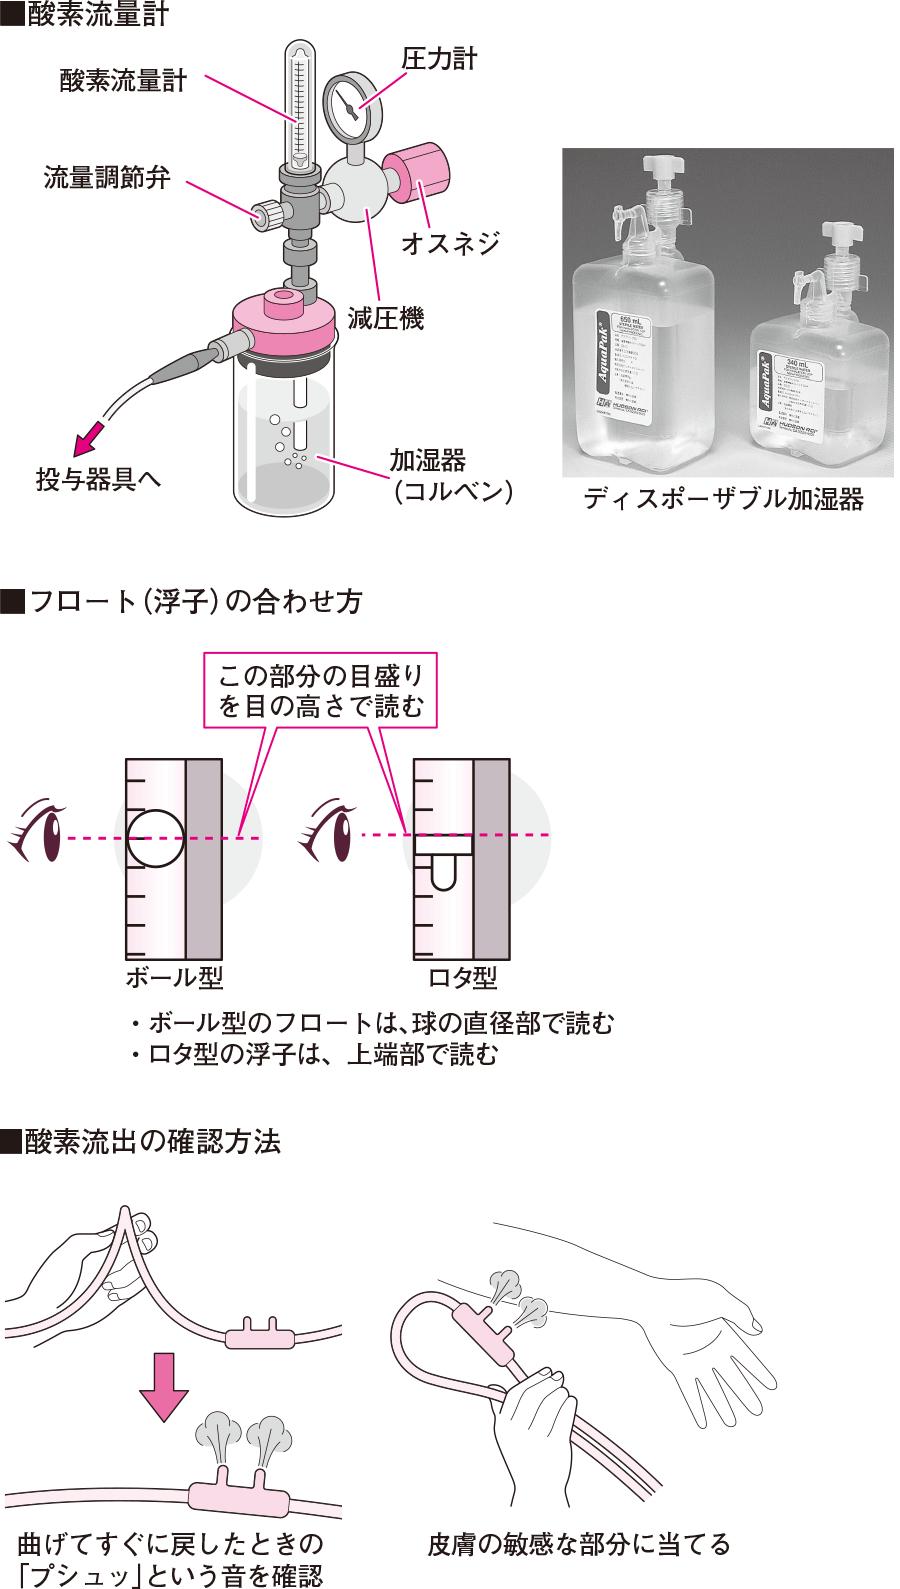 酸素流量計とその取り扱い